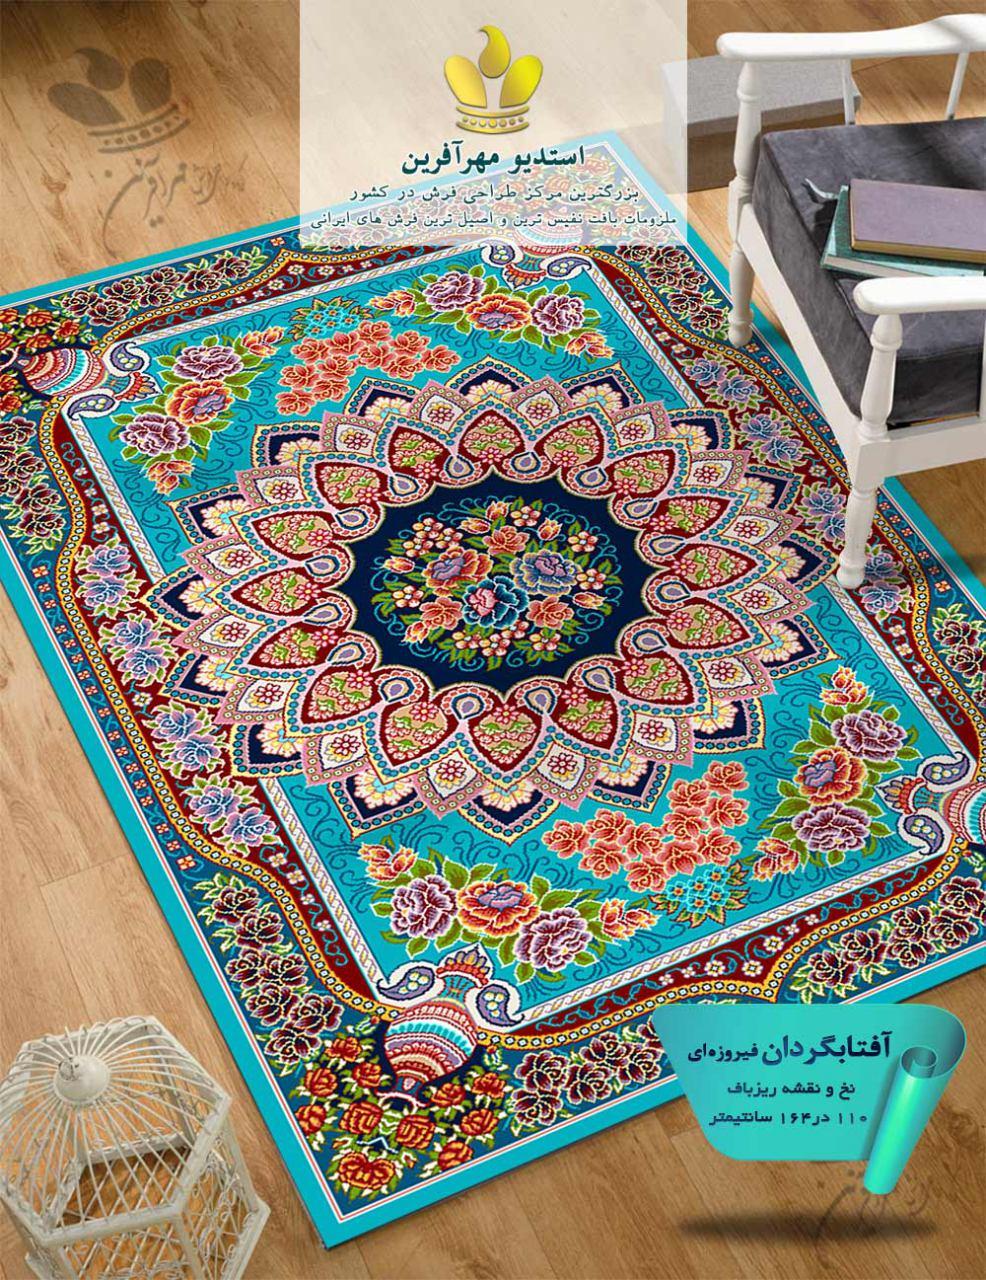 تصویری از نمونه فرش زیرپایی طراحی شده توسط شرکت مهرآفرین